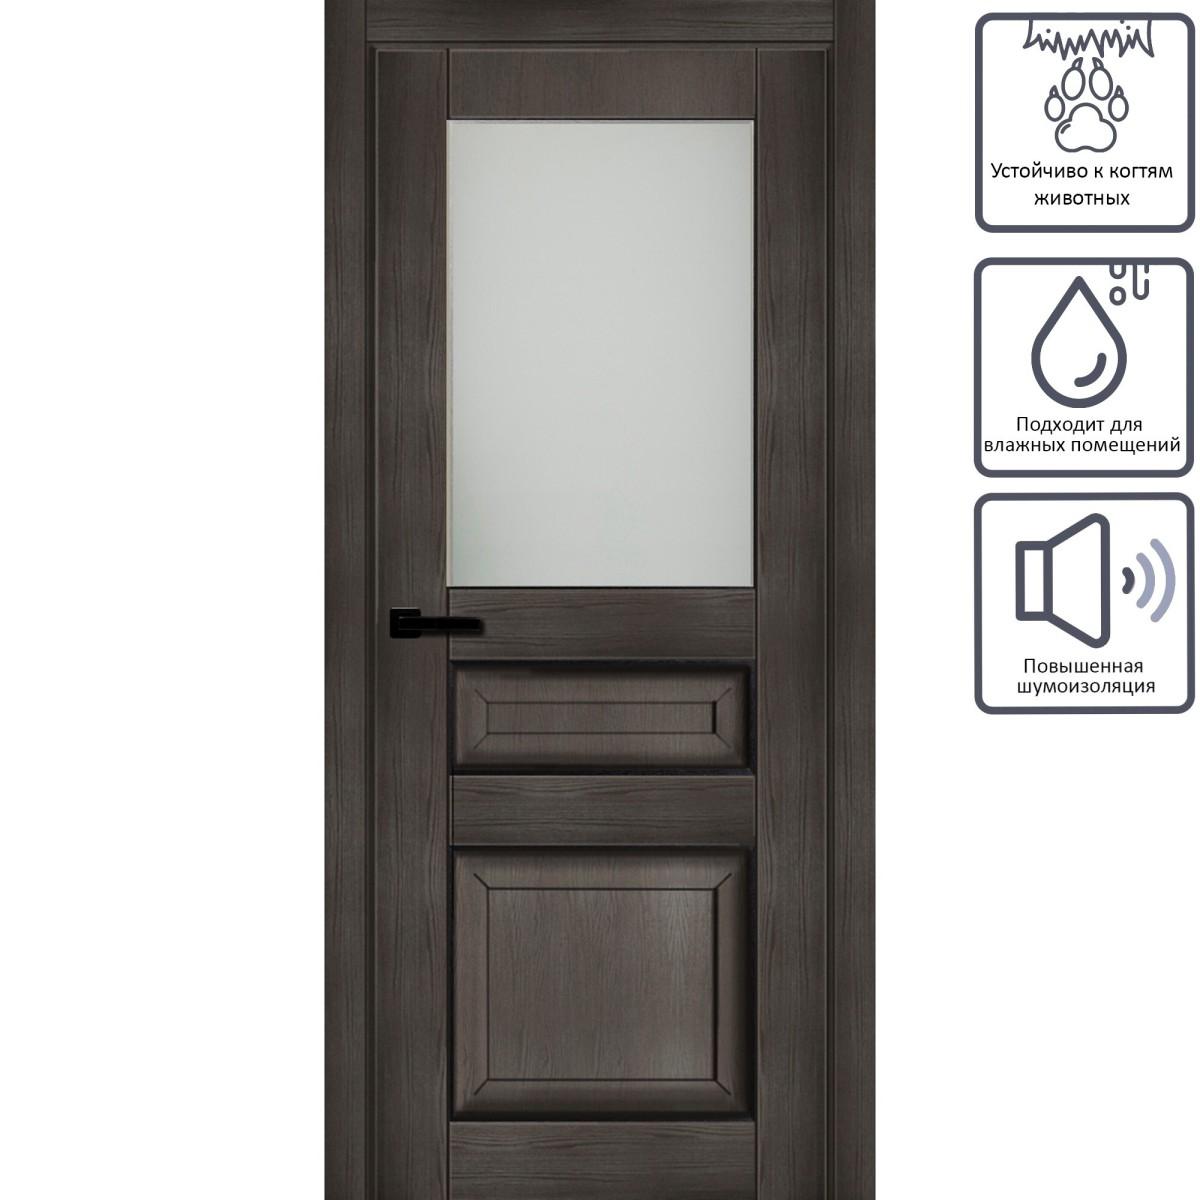 Дверь Межкомнатная Глухая С Замком В Комплекте Дерби 2100x700 Cpl Цвет Дуб Чёрный